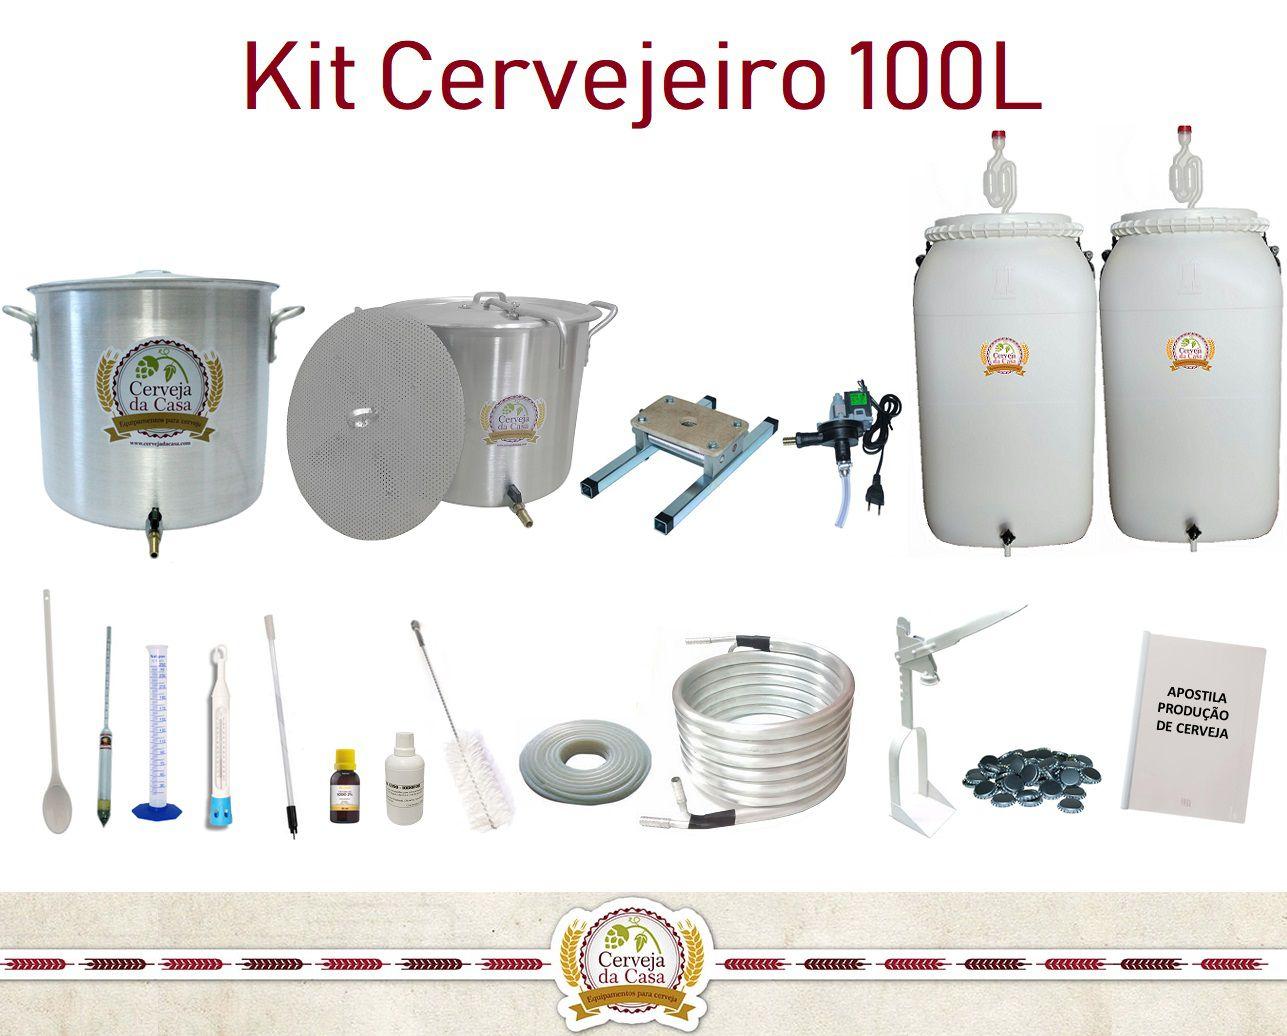 Kit Cervejeiro para Produção de Cerveja Artesanal – 100 litros